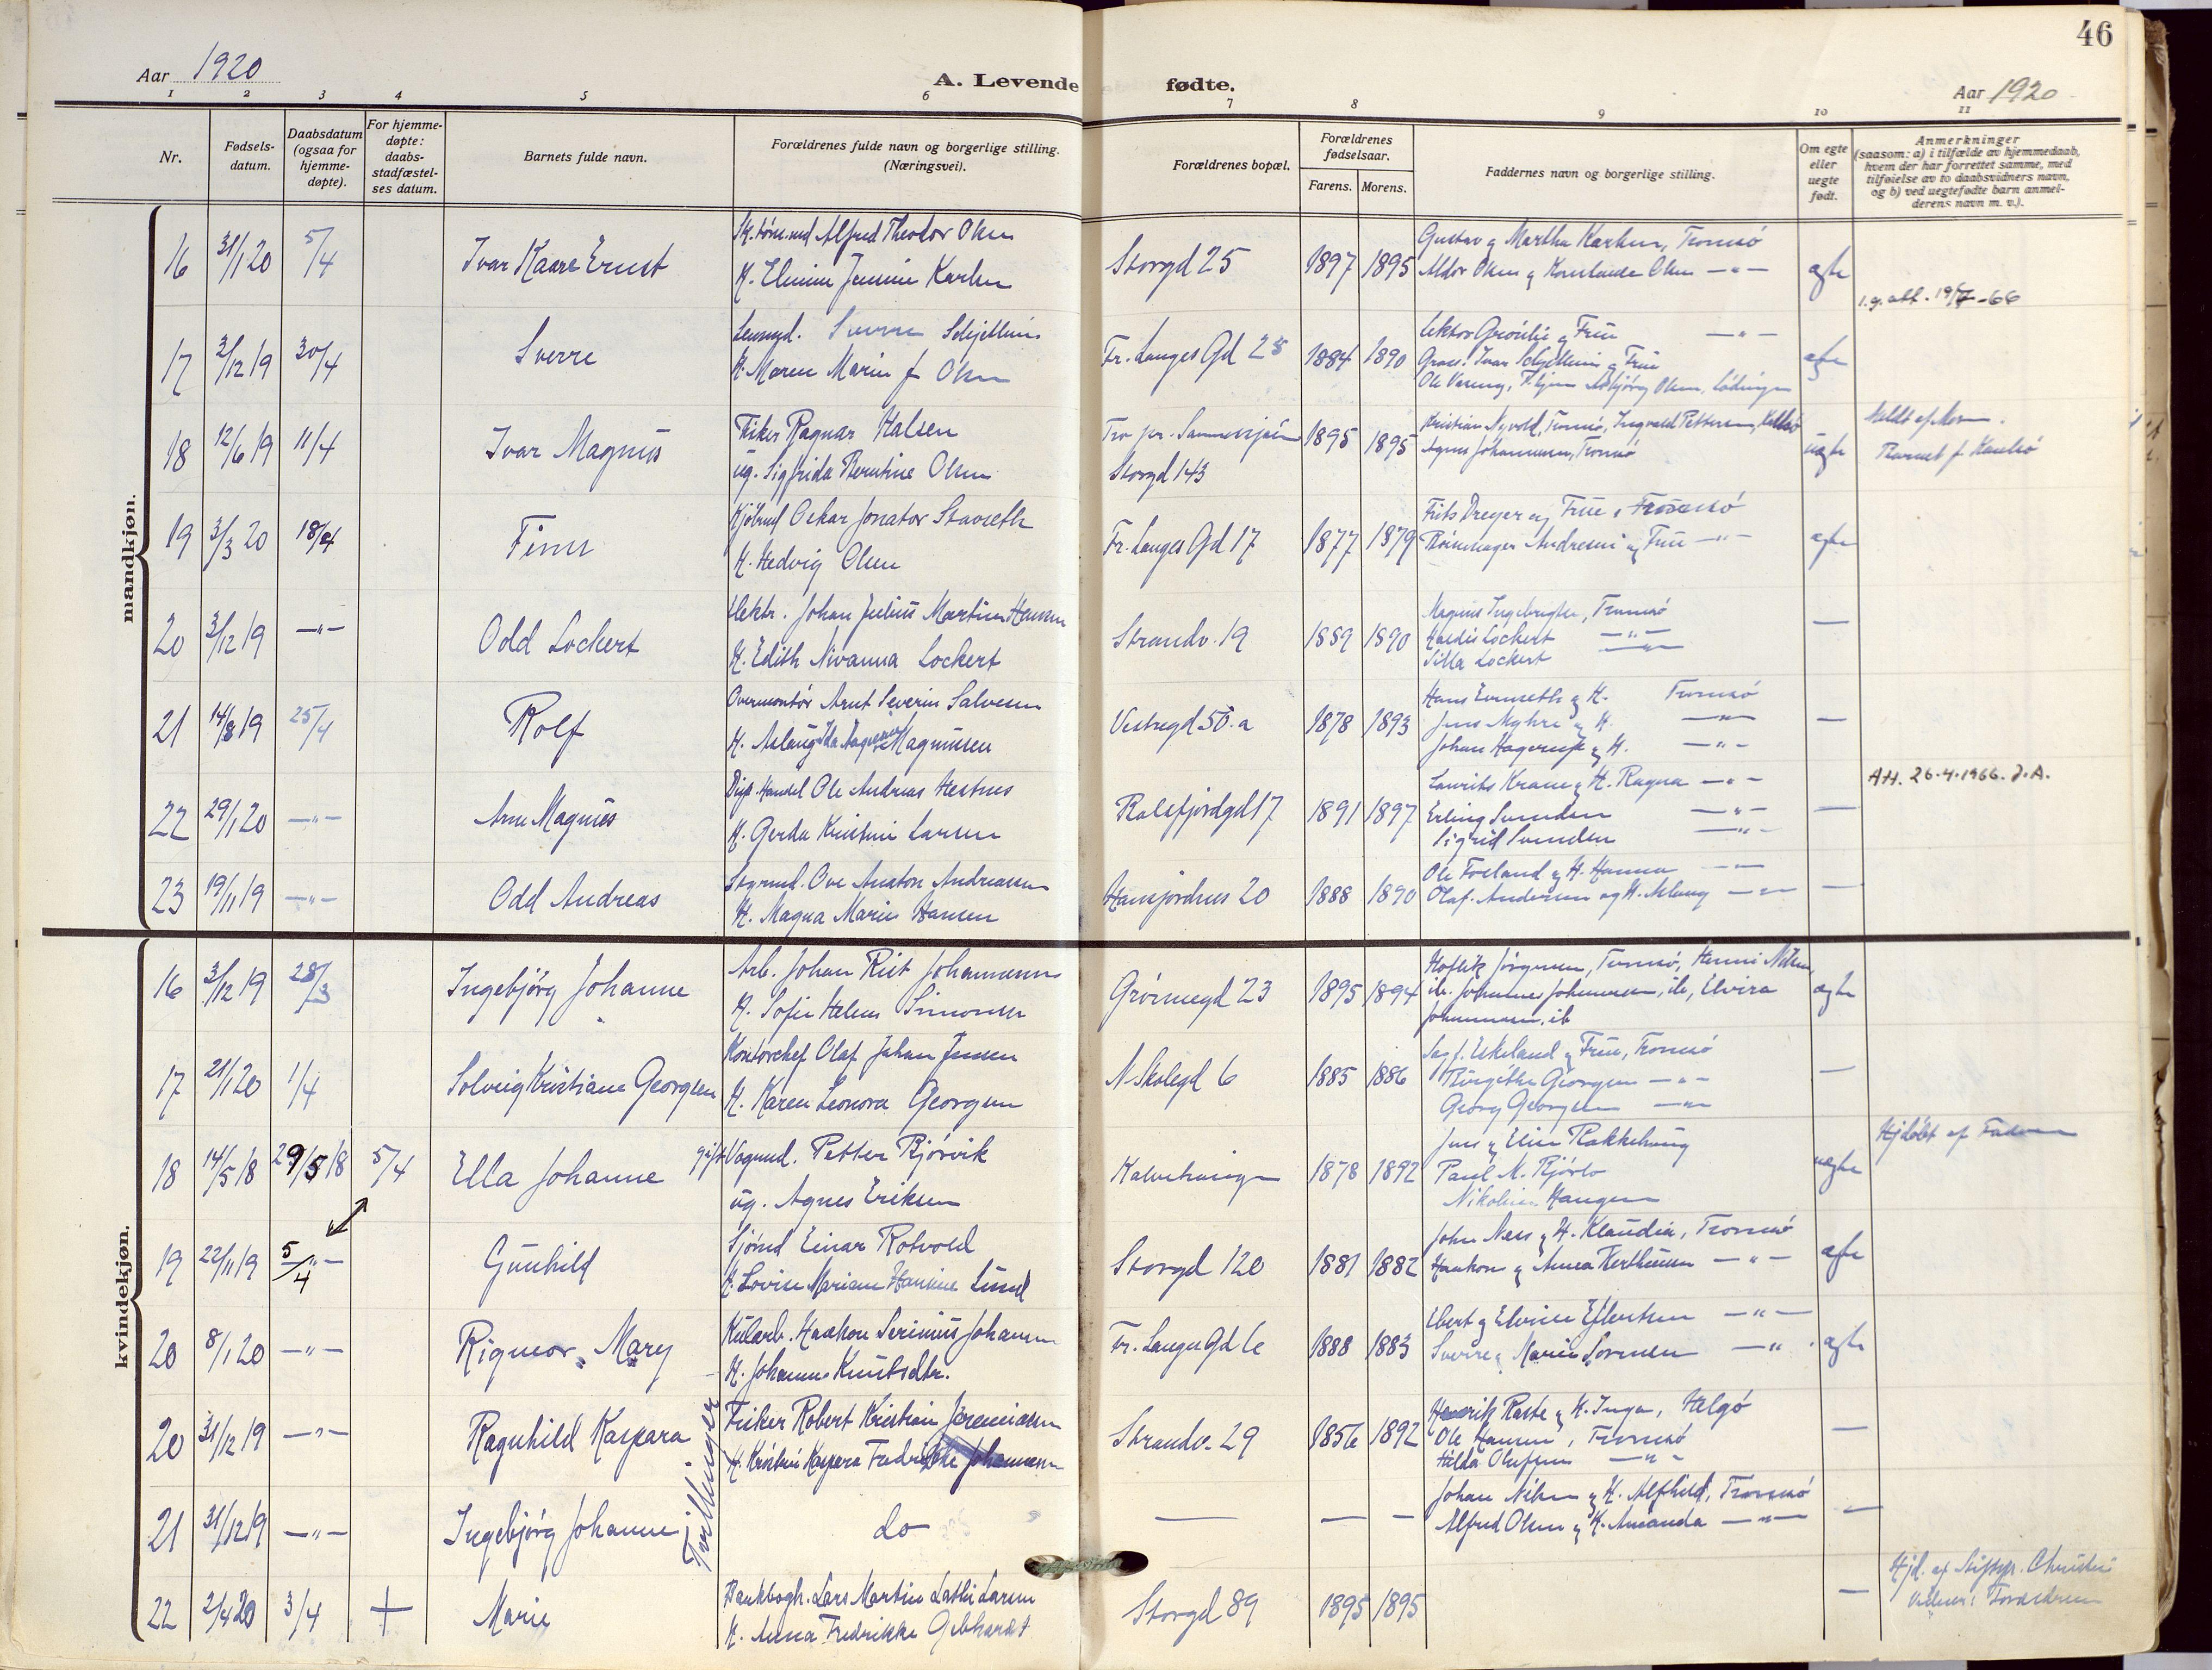 SATØ, Tromsø sokneprestkontor/stiftsprosti/domprosti, G/Ga/L0019kirke: Ministerialbok nr. 19, 1917-1927, s. 46